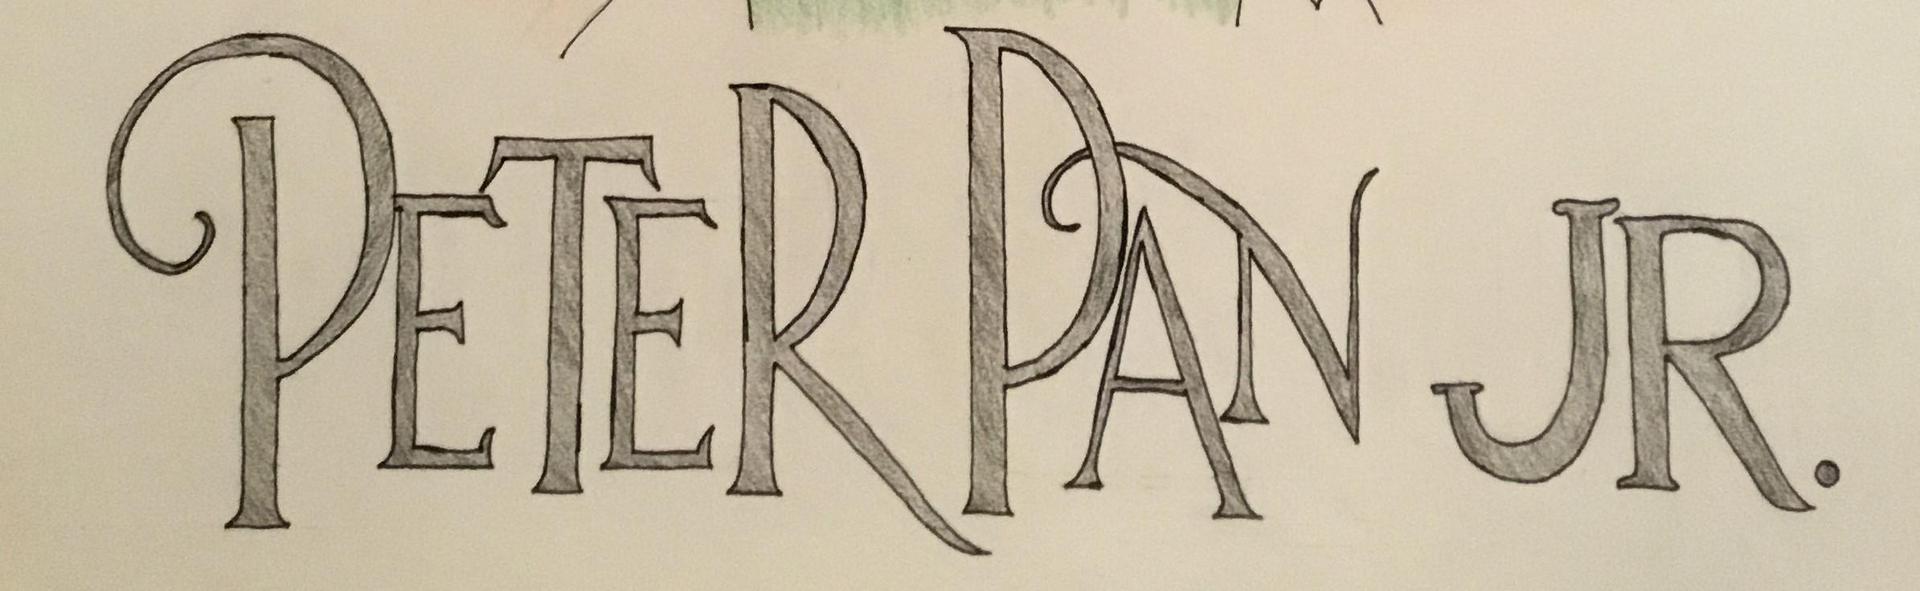 Peter Pan Jr title